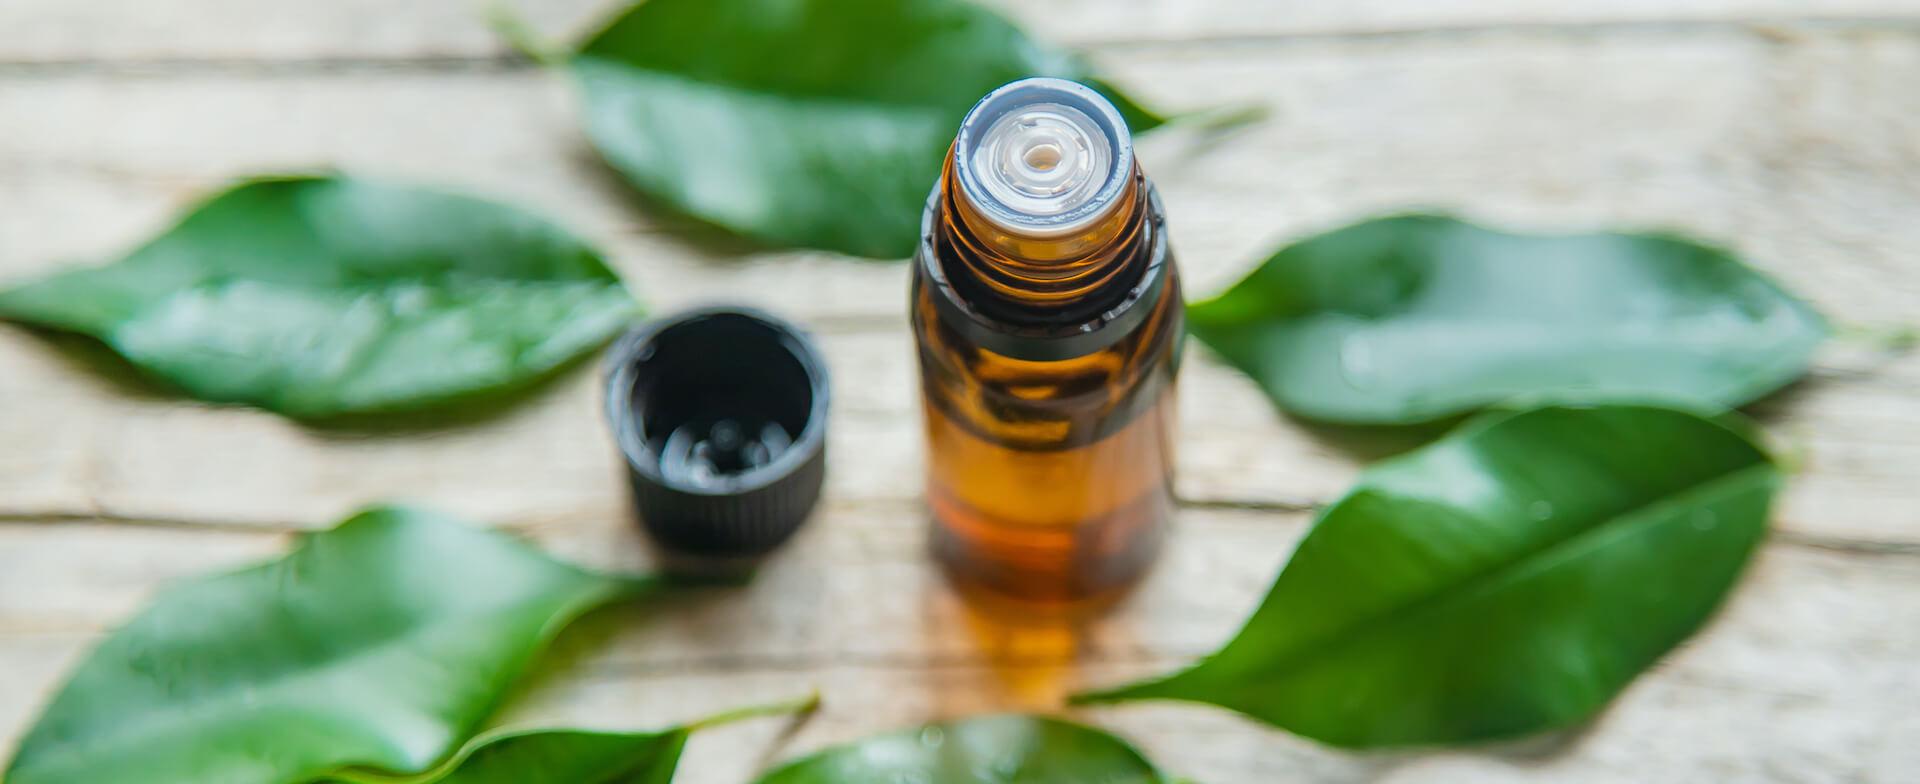 Otvorena bočica eteričnog ulja čajevca okružena svježim listovima čajevca